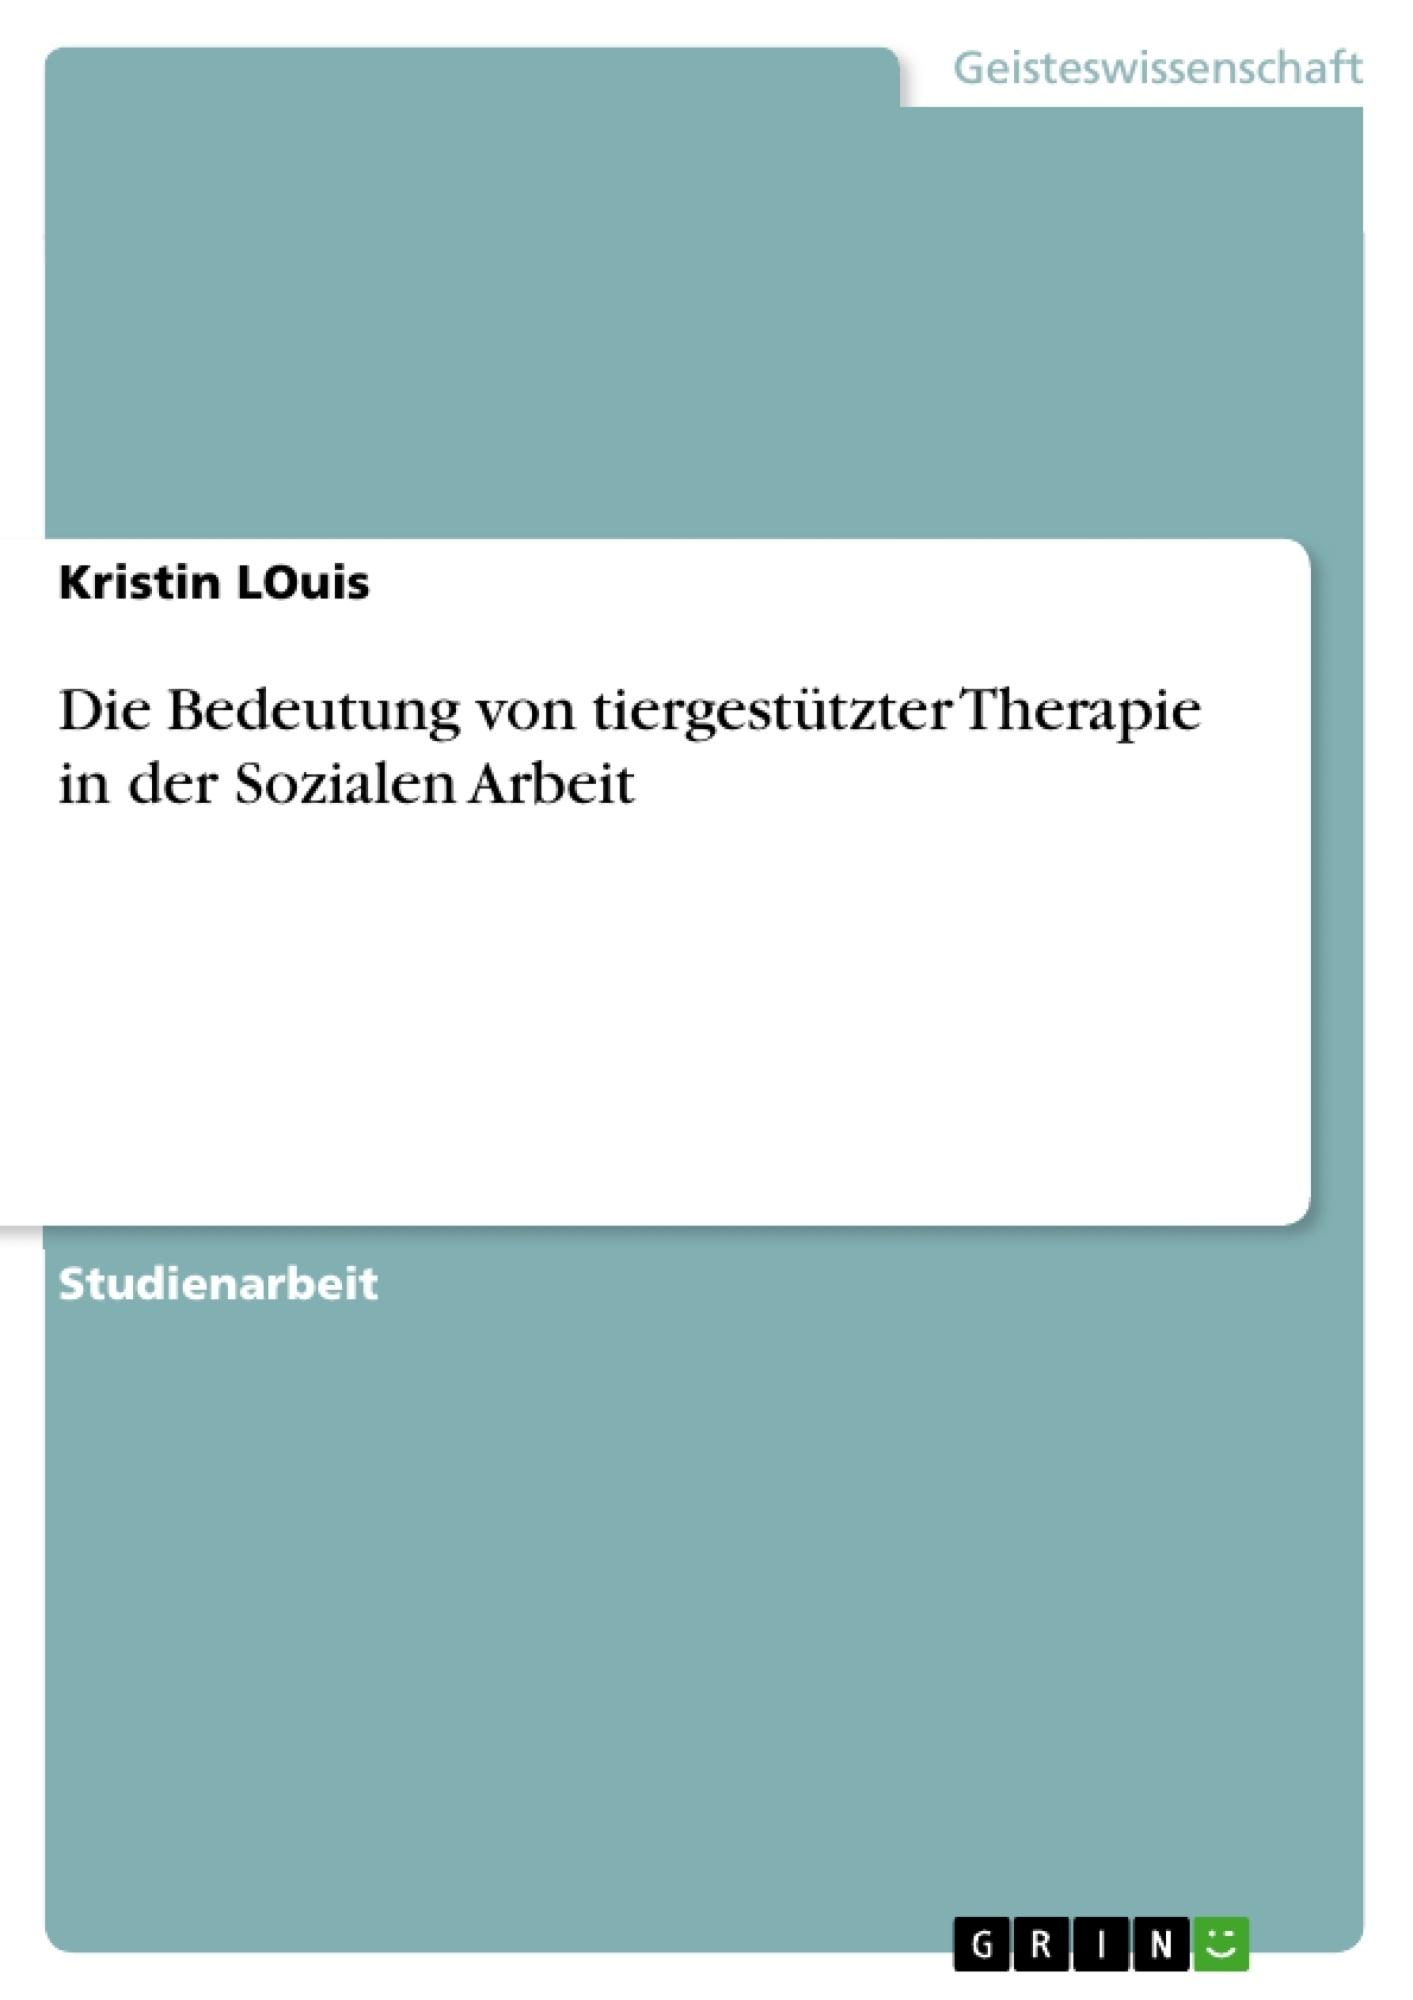 Titel: Die Bedeutung von tiergestützter Therapie in der Sozialen Arbeit